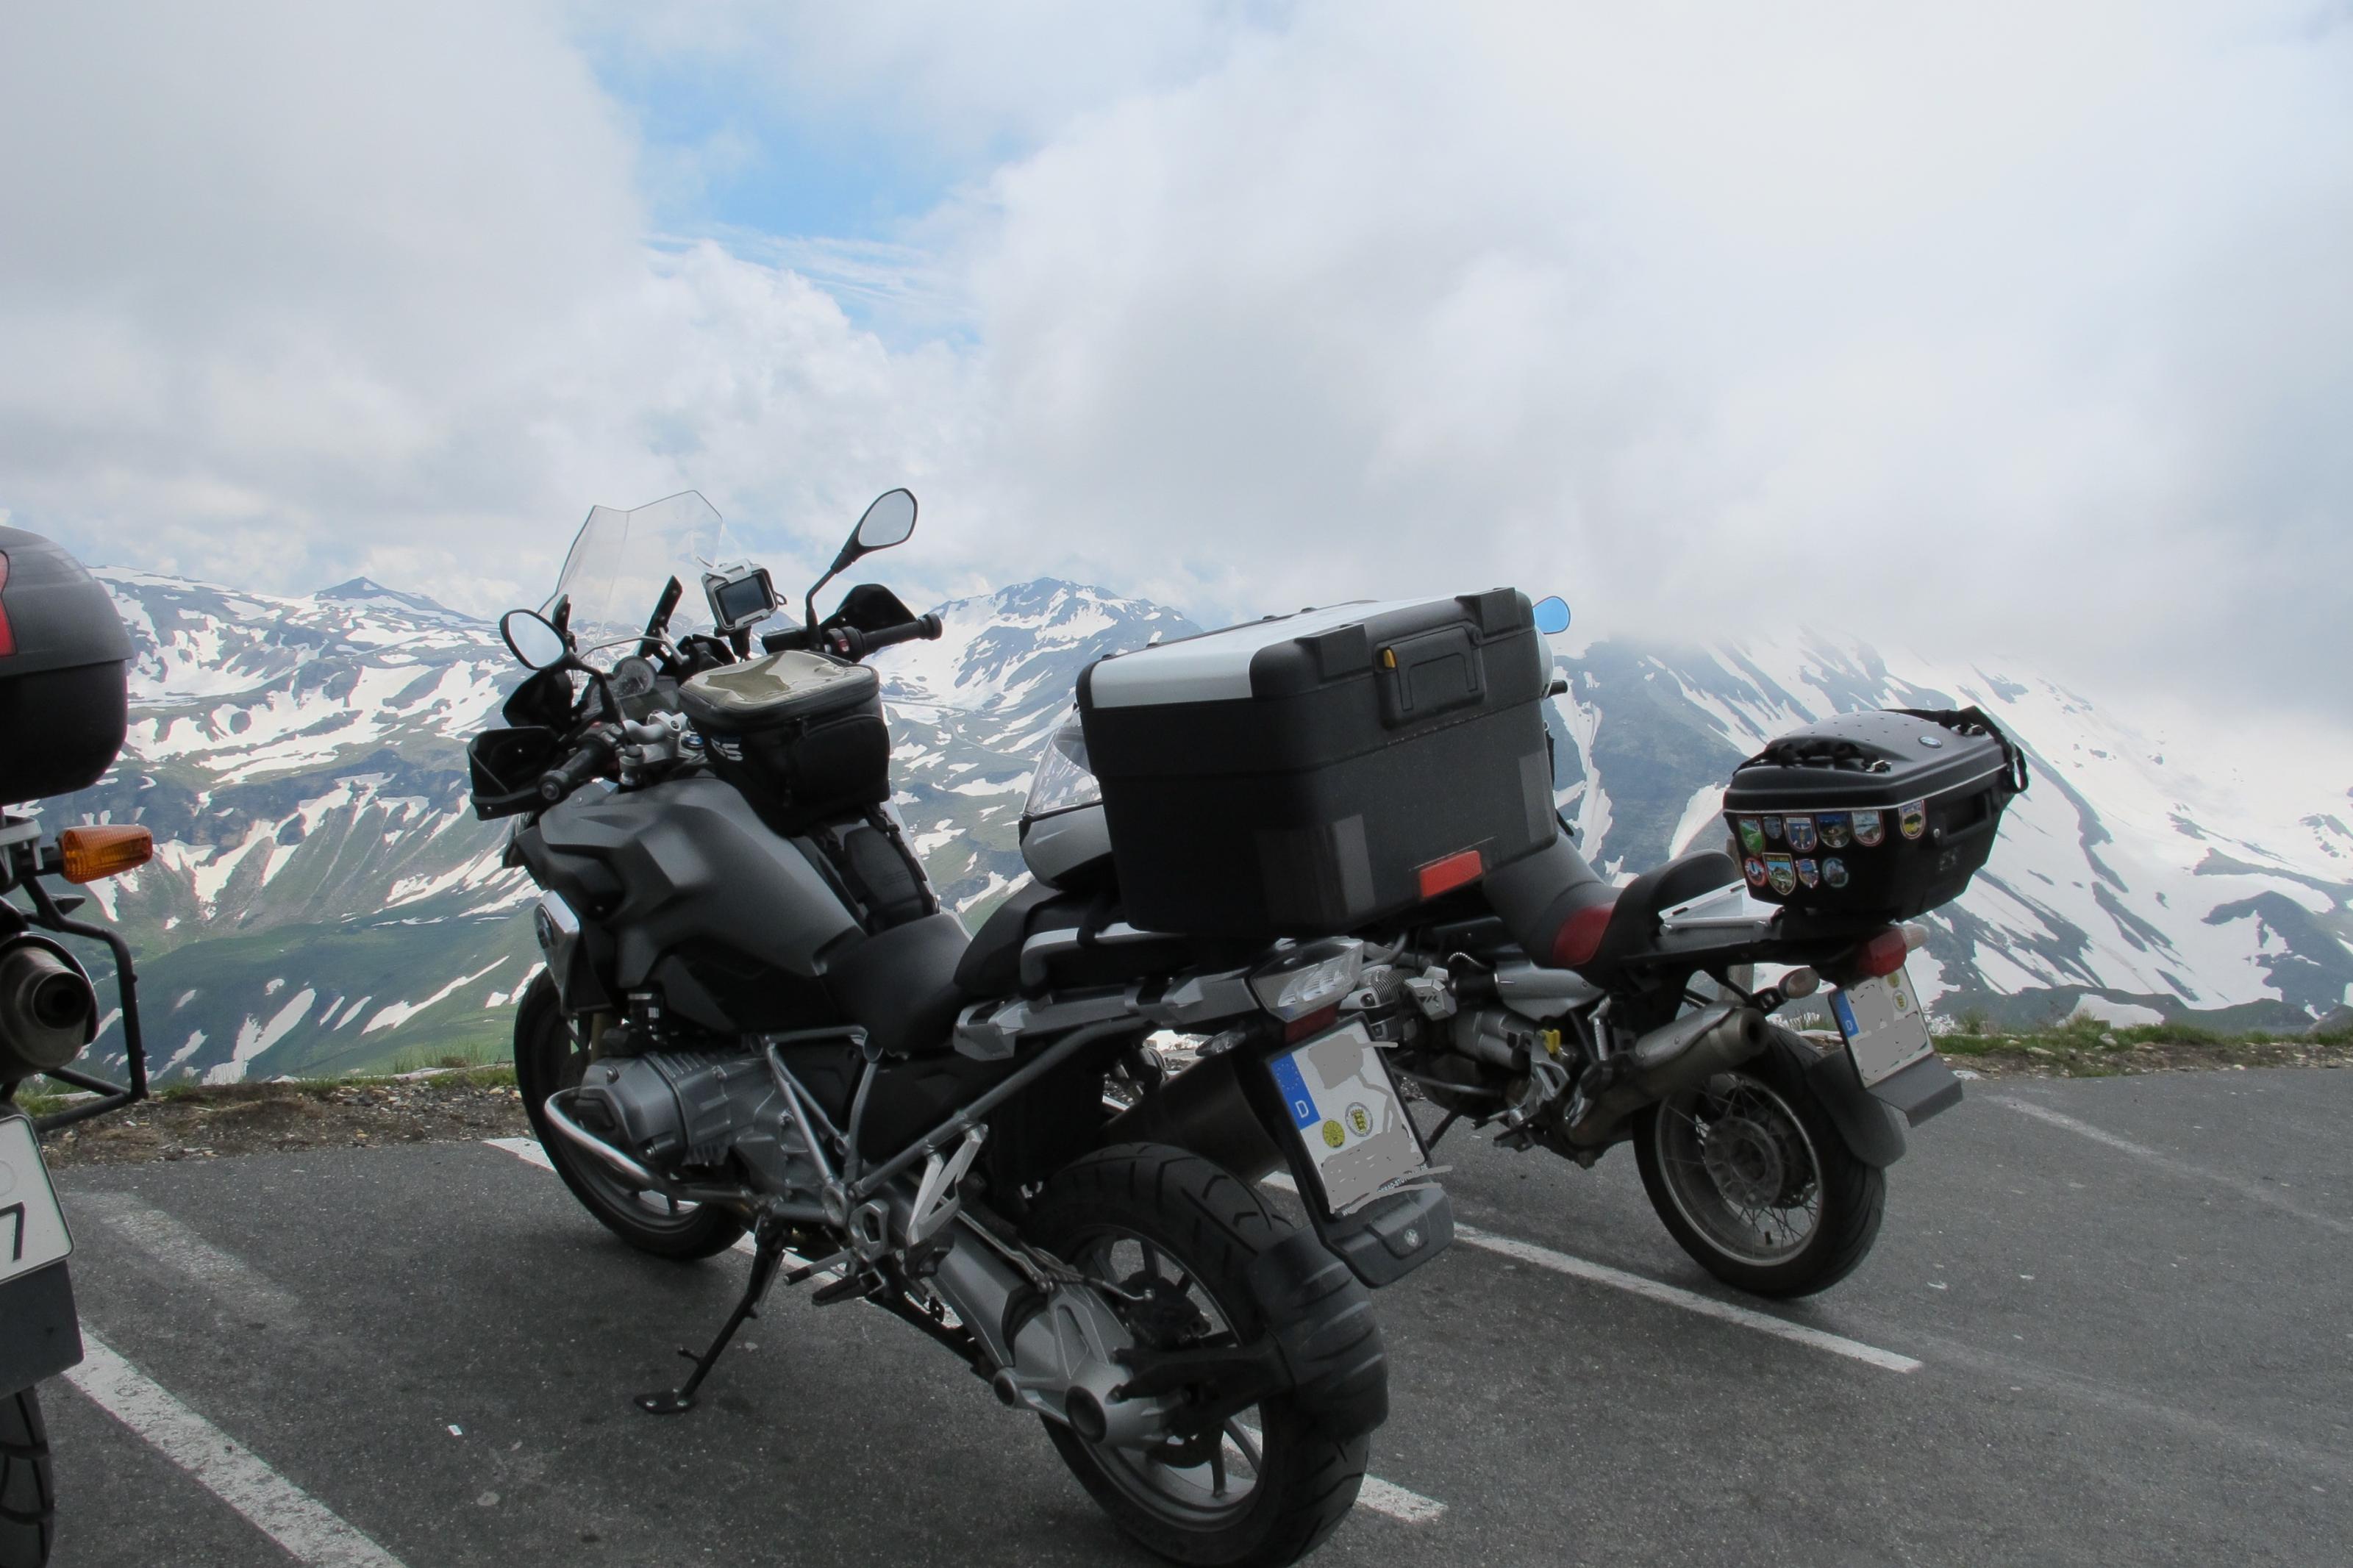 motorradtour-2-juni-2014-068-kopie.jpg